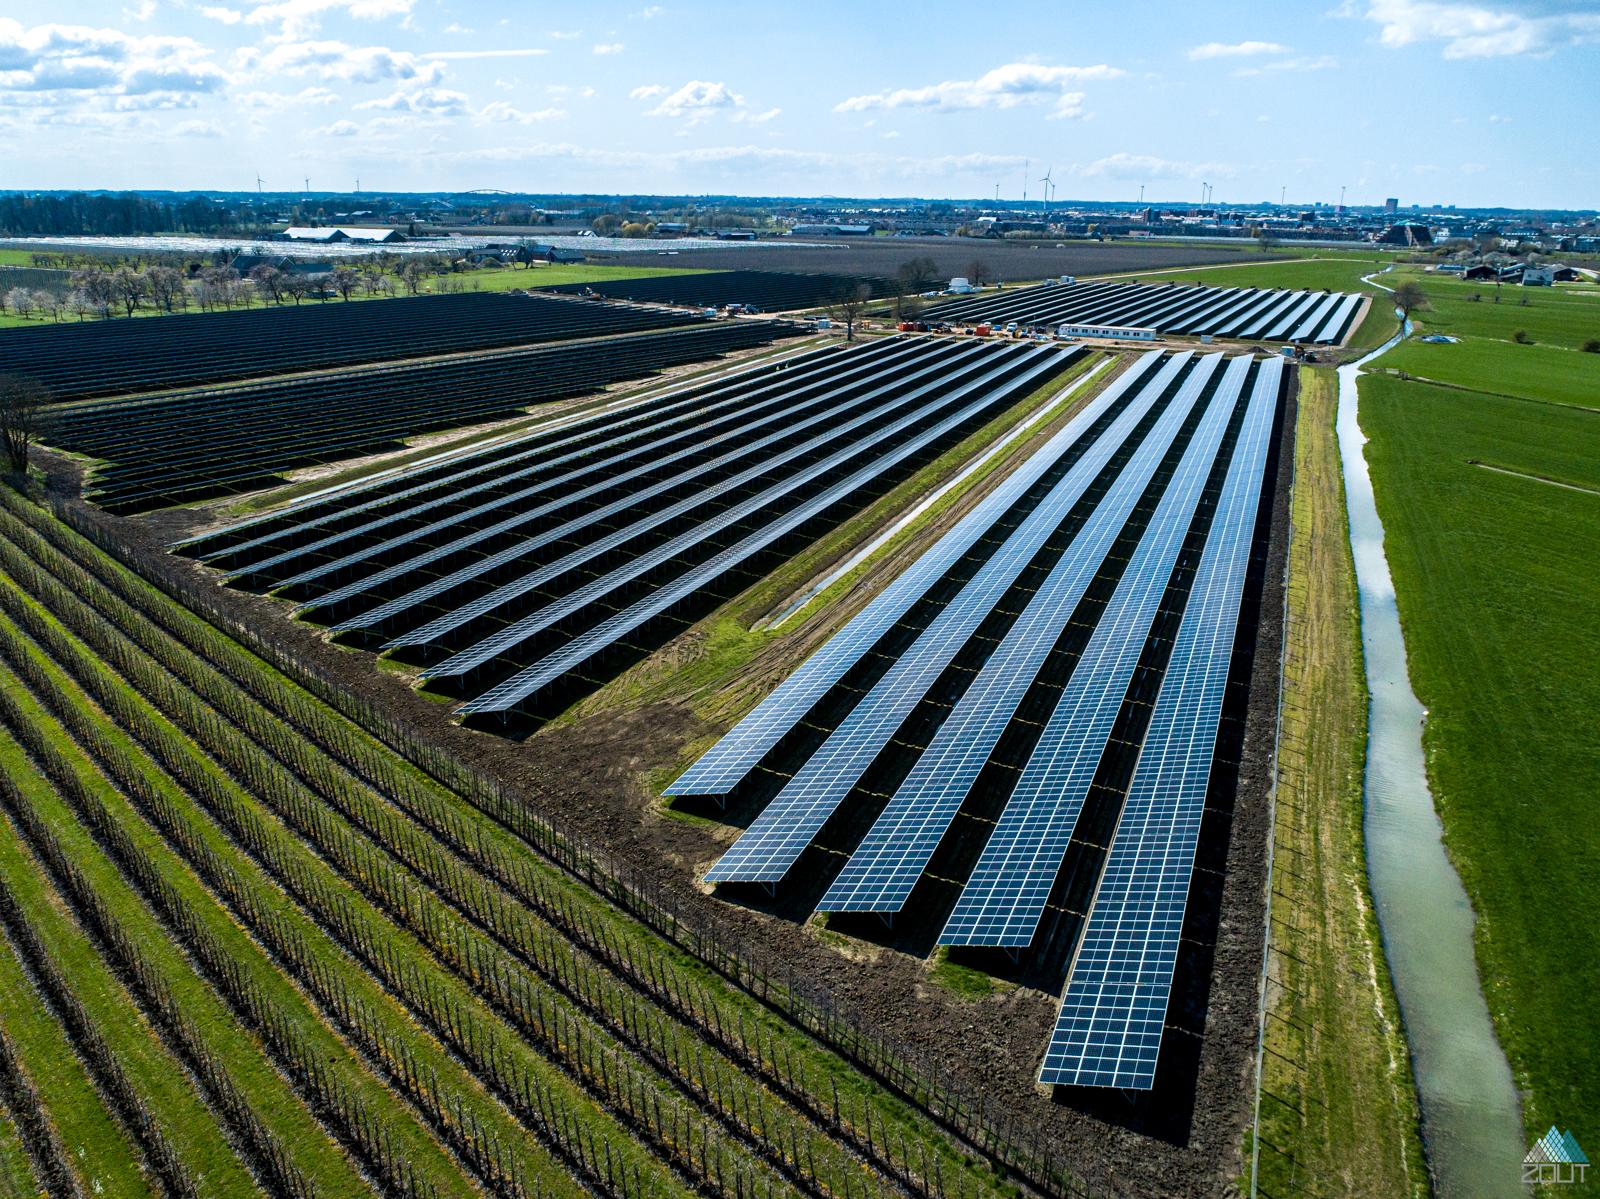 zonnepanelenpark 't Goy - Zonnevelden Houten